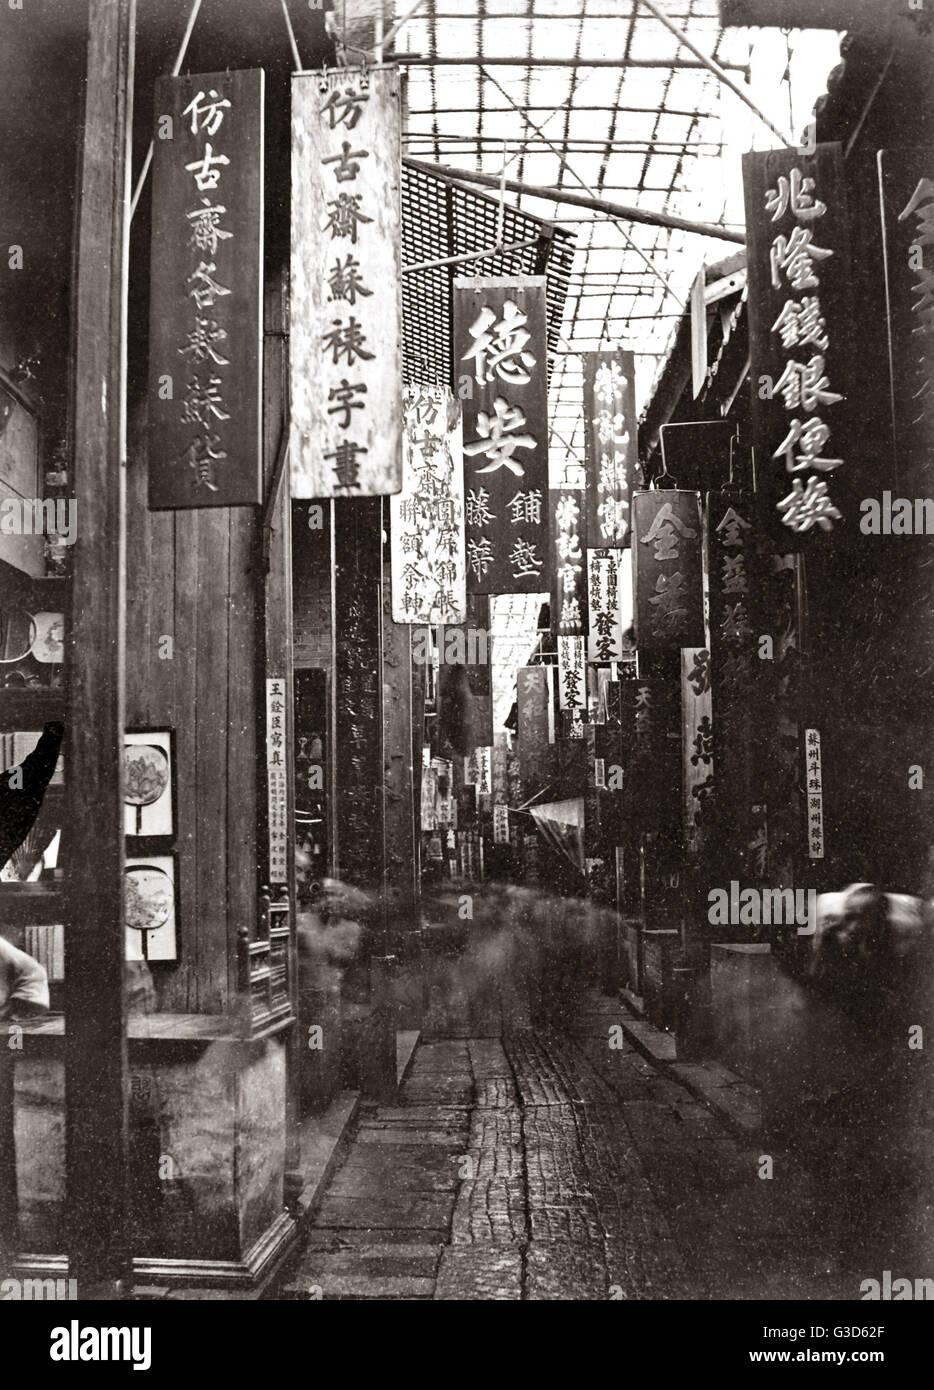 Rue de la paix céleste, Canton, Chine vers 1880. Date: vers 1880 Photo Stock